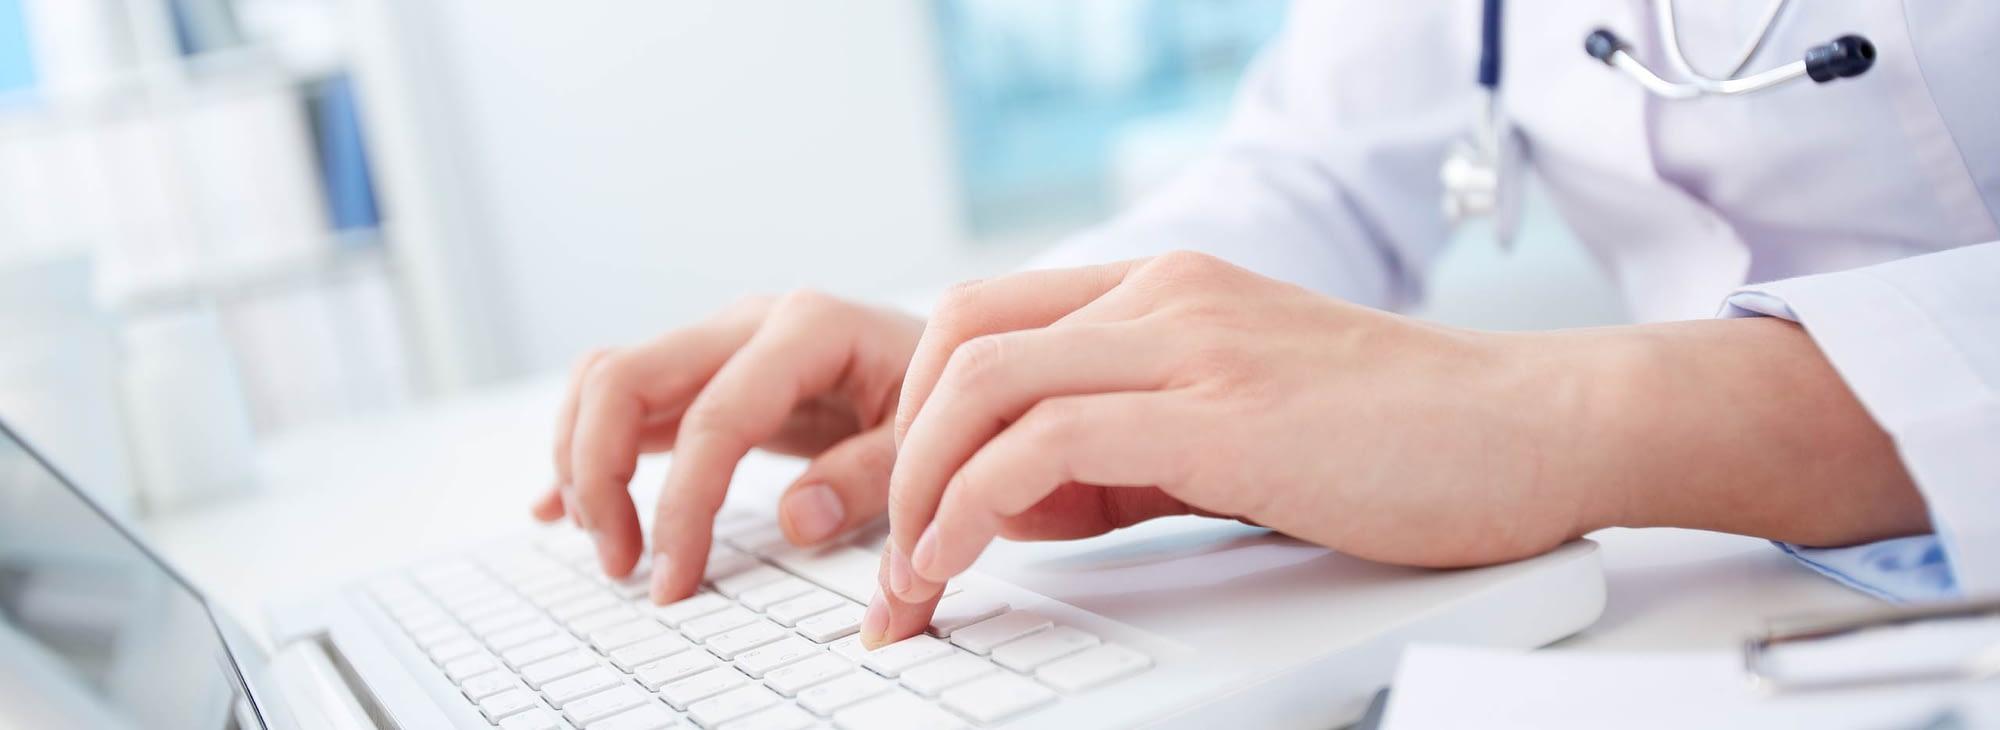 Liječnik traži informacije u bazi podataka